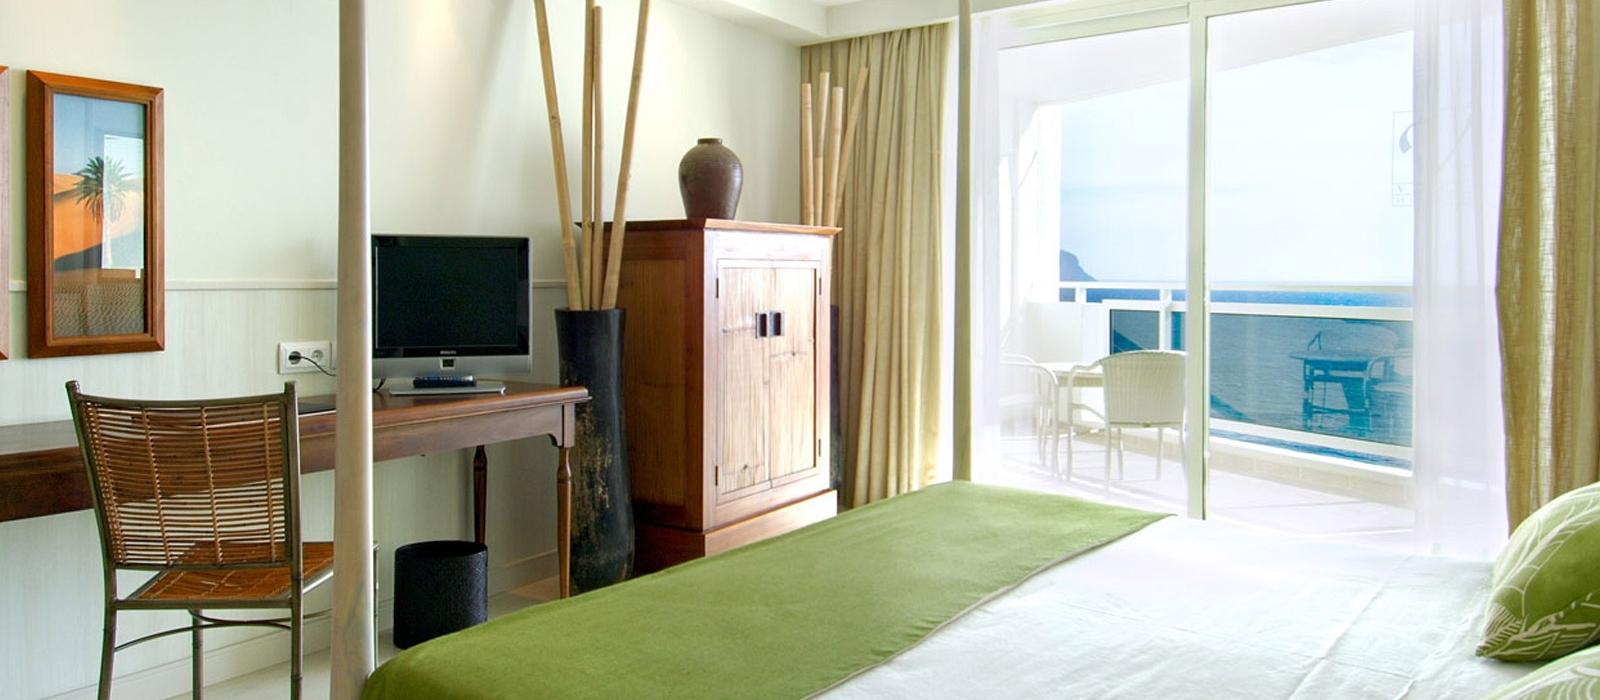 Chambres Hôtel Vincci Tenerife Golf - Junior Suite